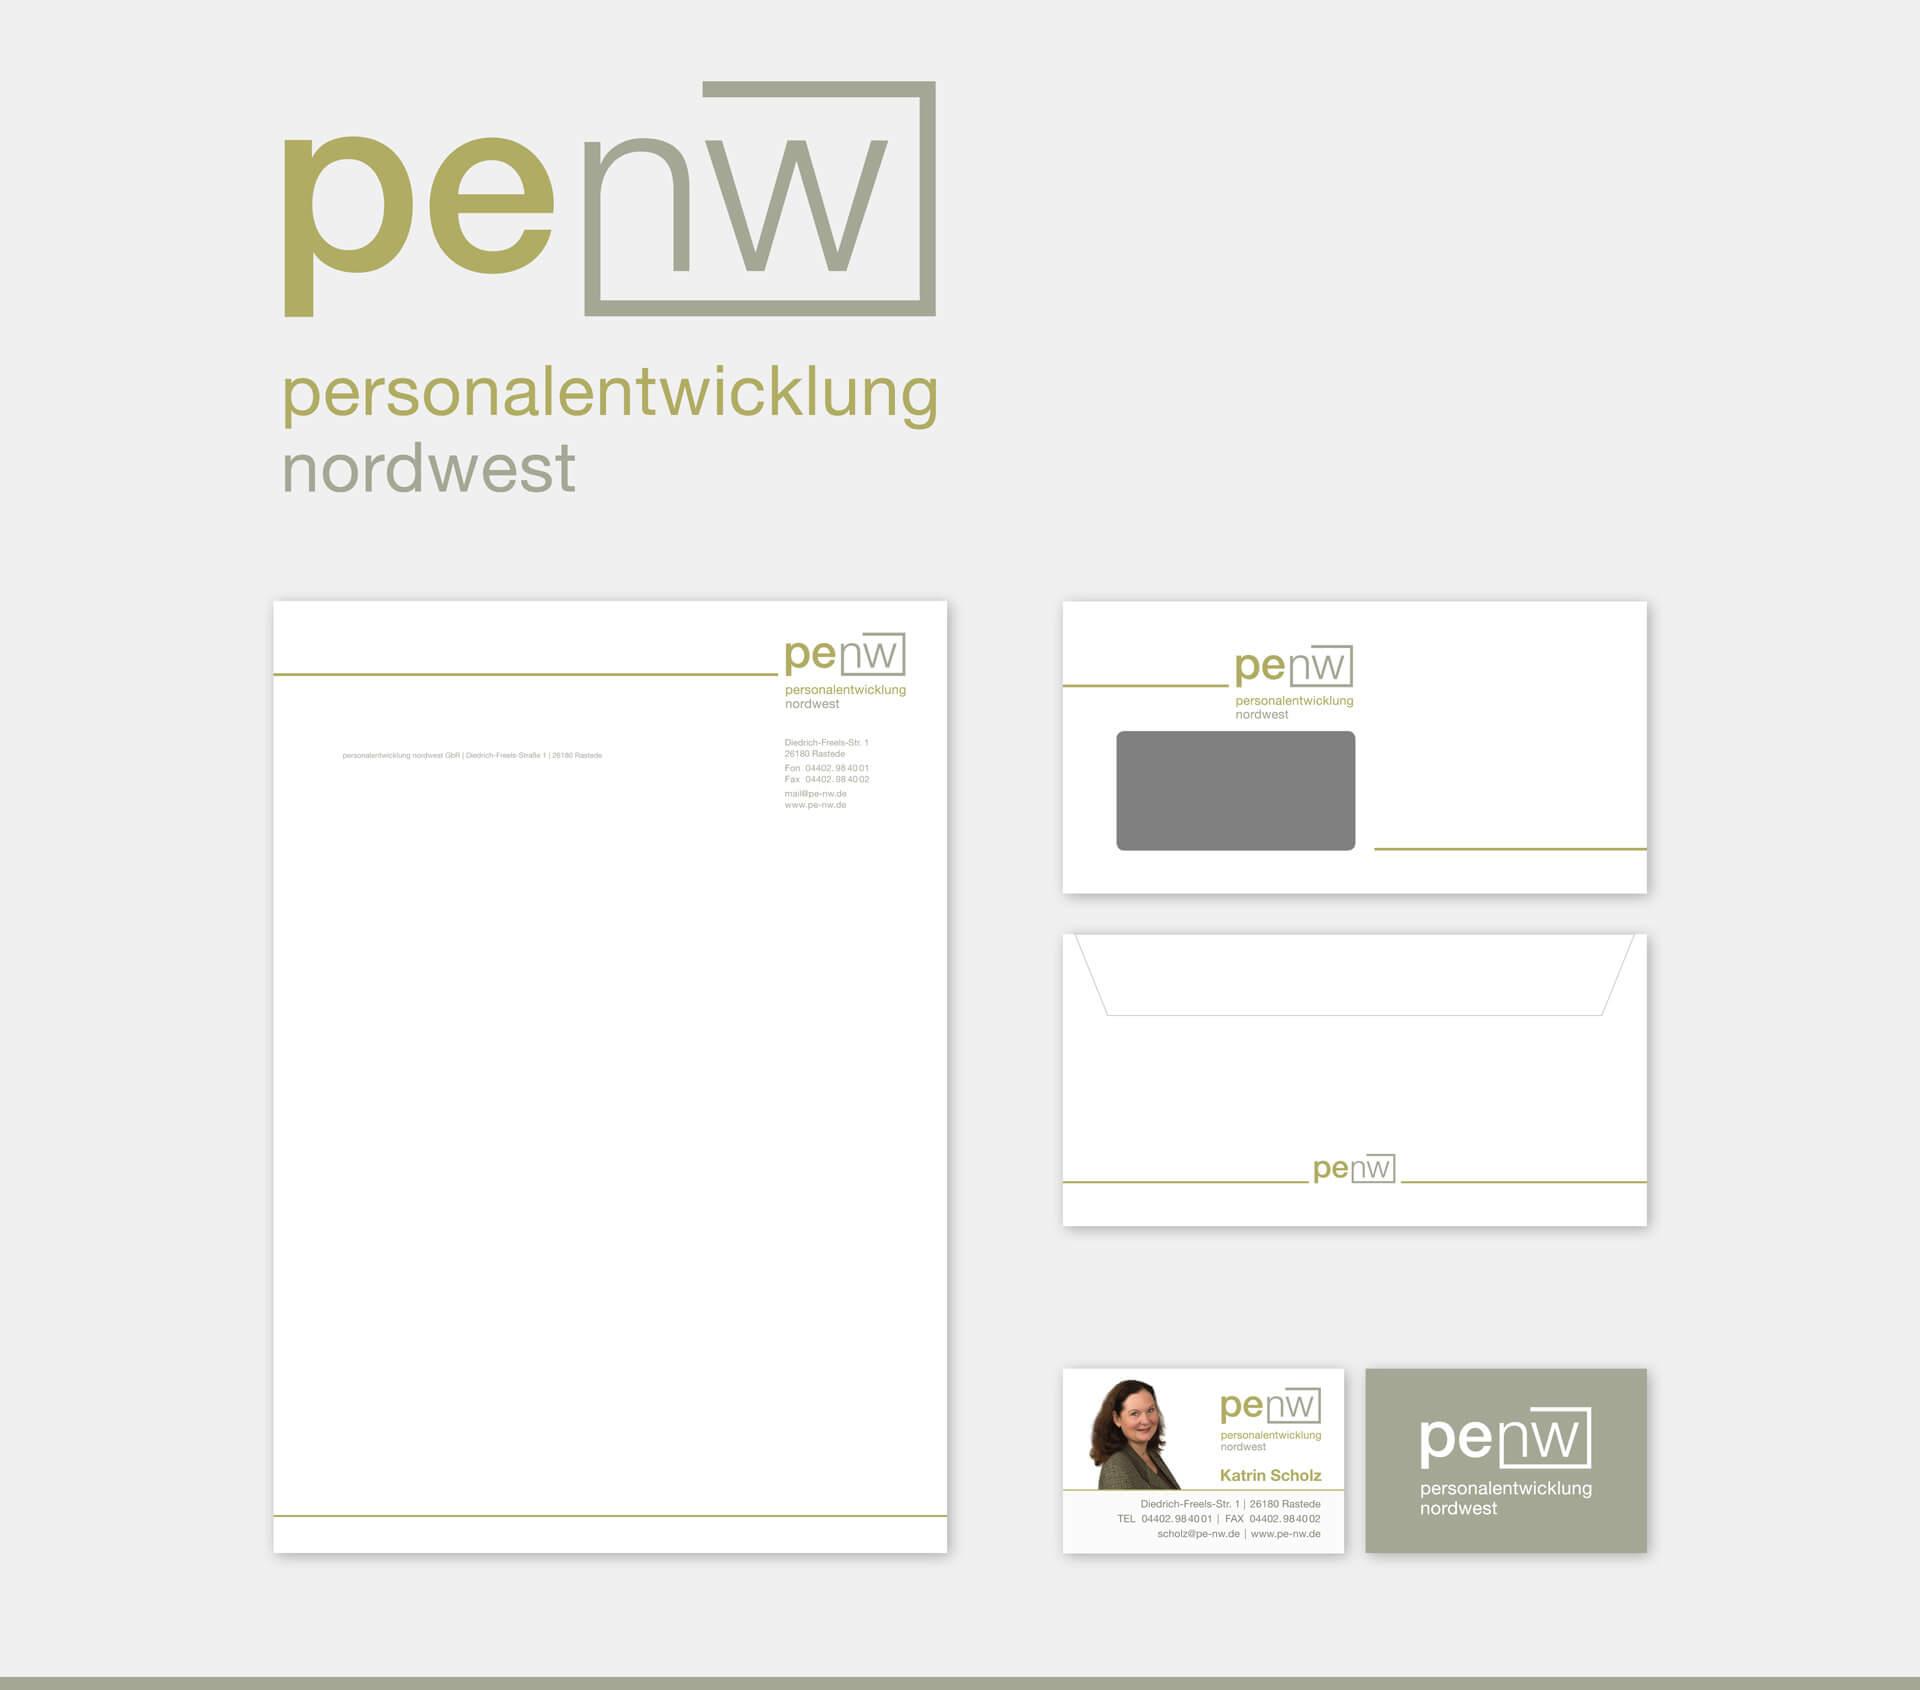 penw personalentwicklung nordwest Briefpapier Briefumschlag Visitenkarte